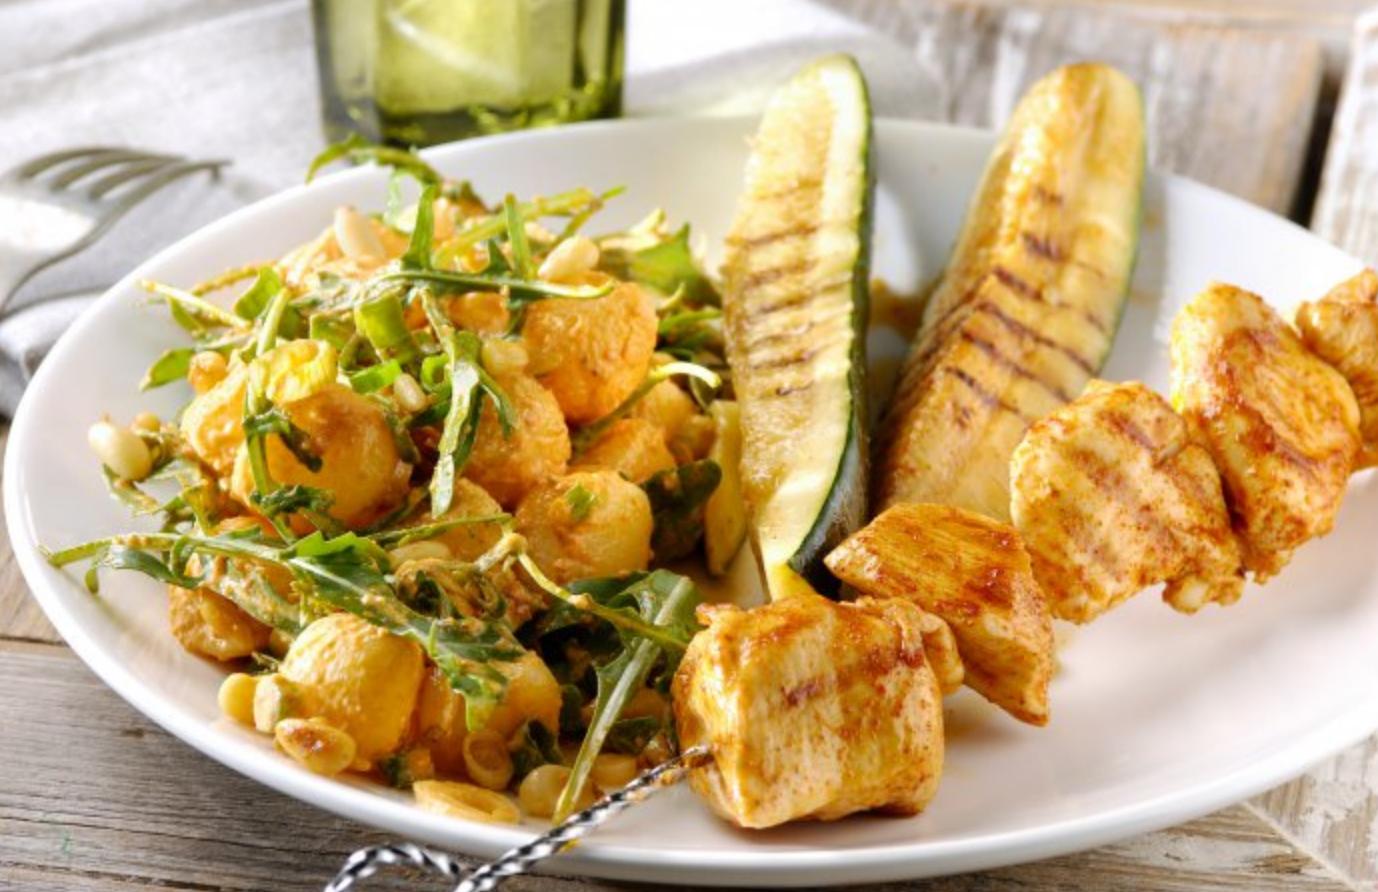 Recept: Barbecue kipspiesen met courgette en een pesto aardappelsalade